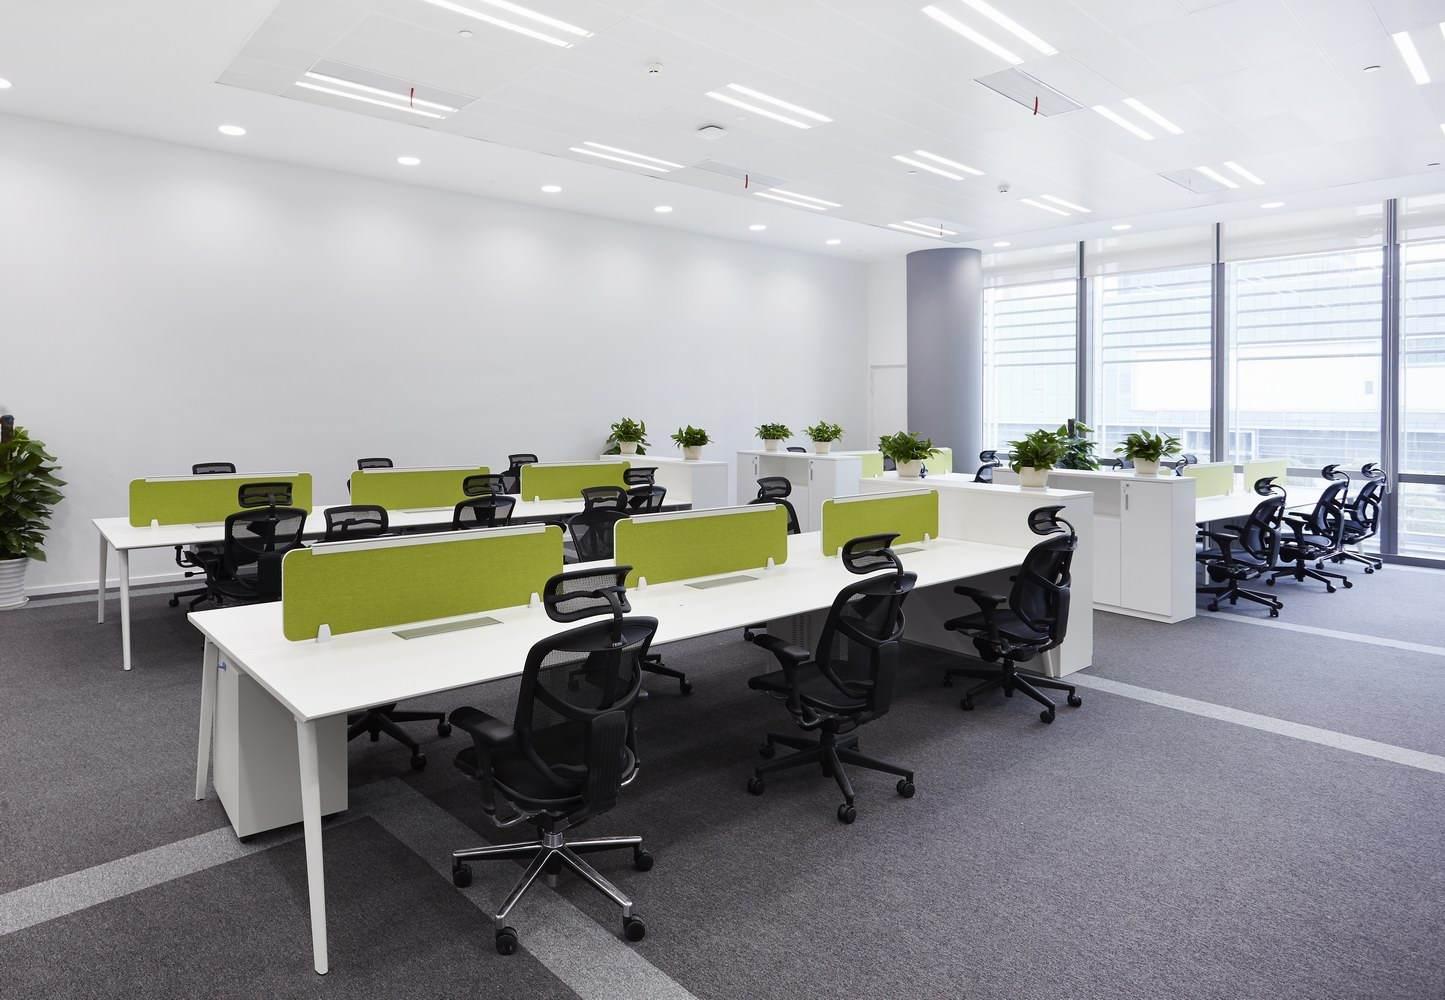 bureau à louer dans un espace de coworking en open space à Paris dans un environnement simple et naturel